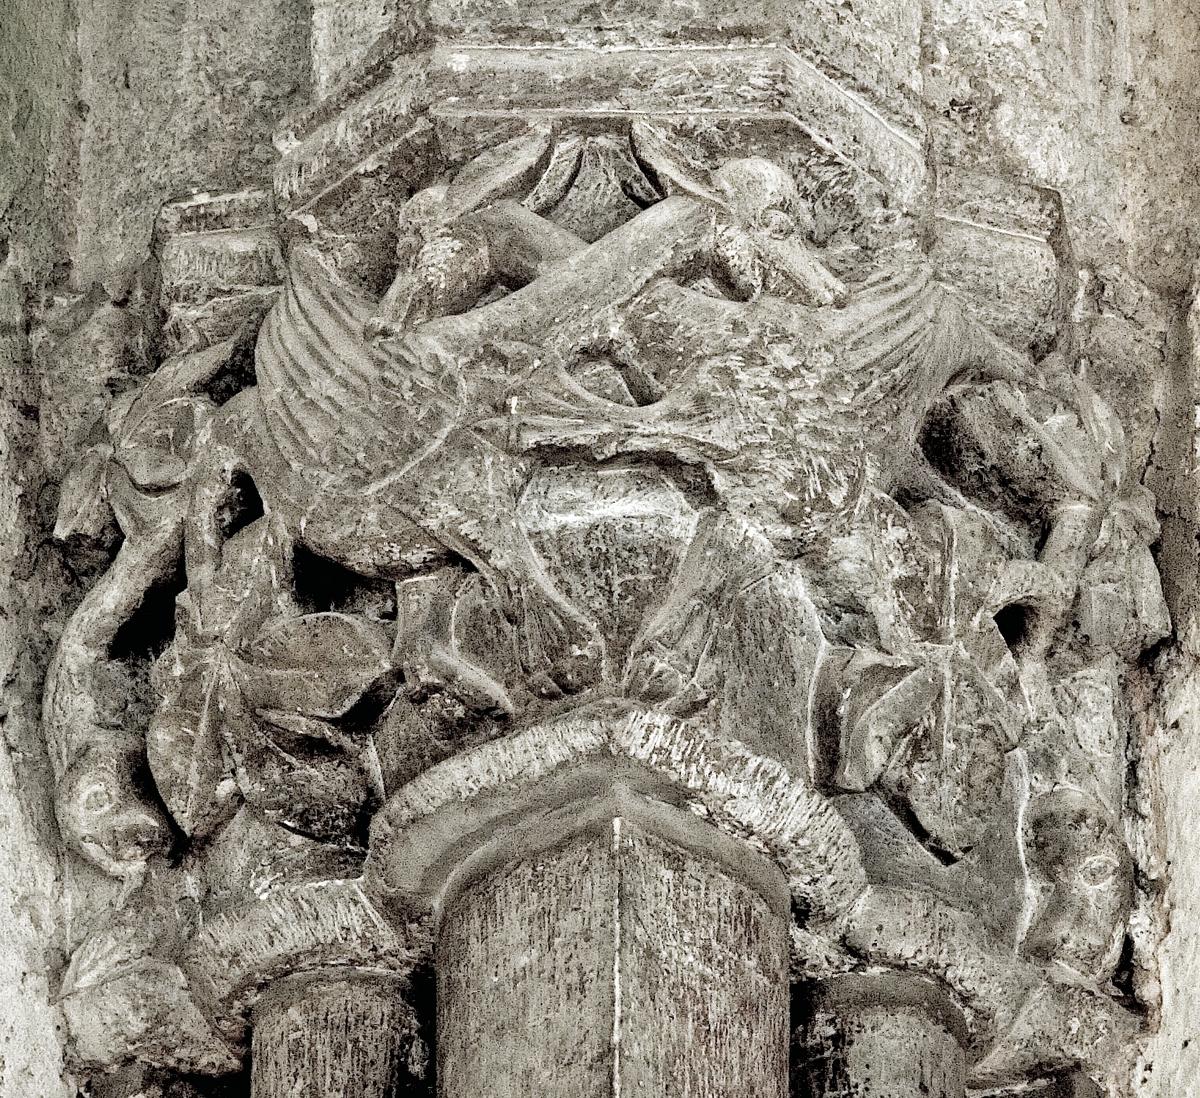 De Geerska koret. Kapitäl i sydväst. Tvekamp mellan långhalsade blandväsen med fågelvingar, Uppsala domkyrka, Uppsala 2006